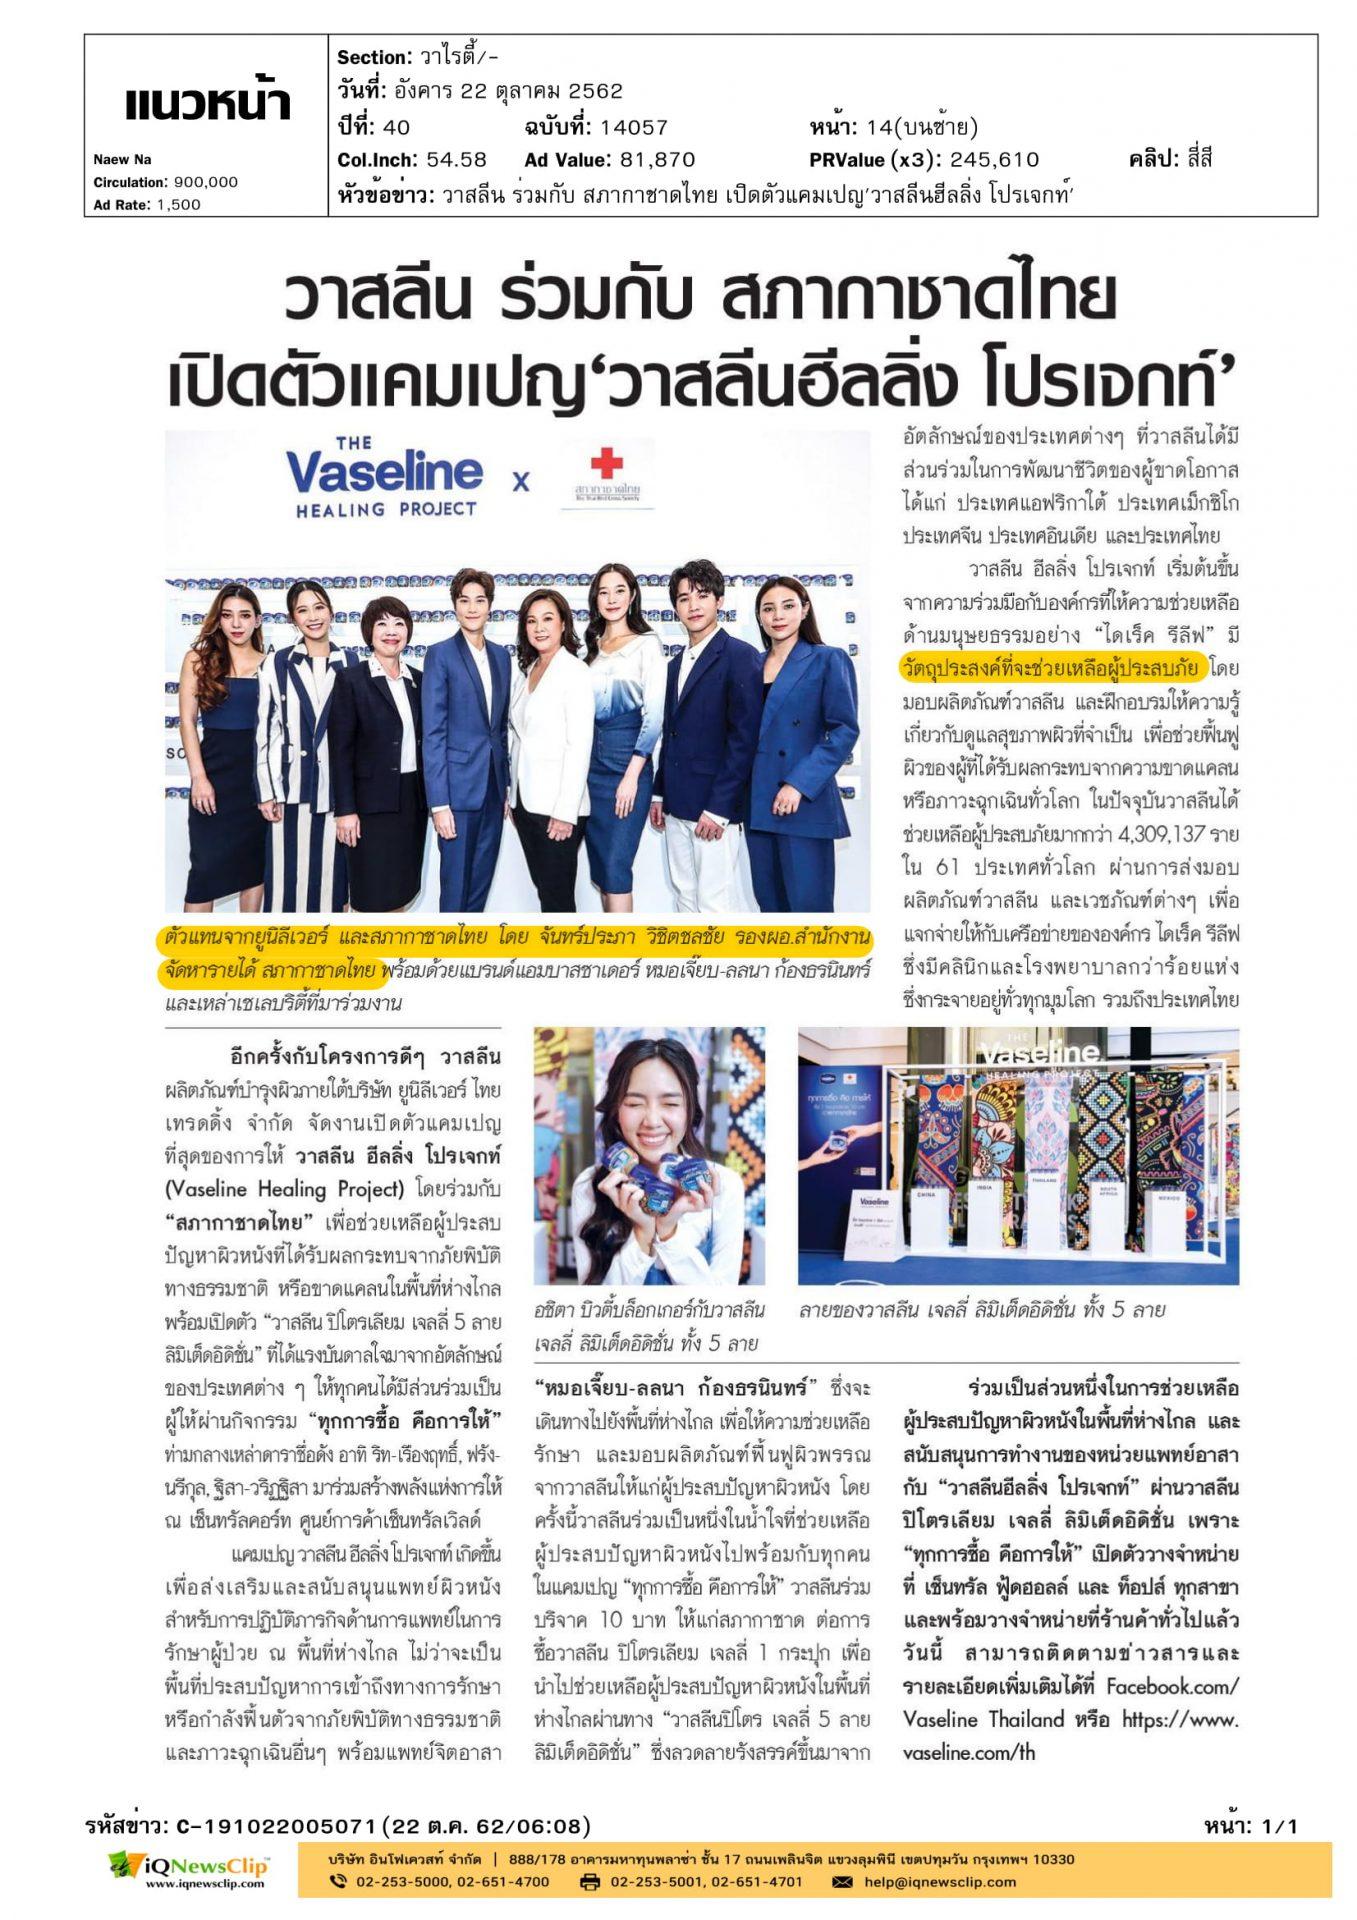 สภากาชาดไทย เปิดตัวแคมเปญ 'วาสลีนฮีลลิ่ง'